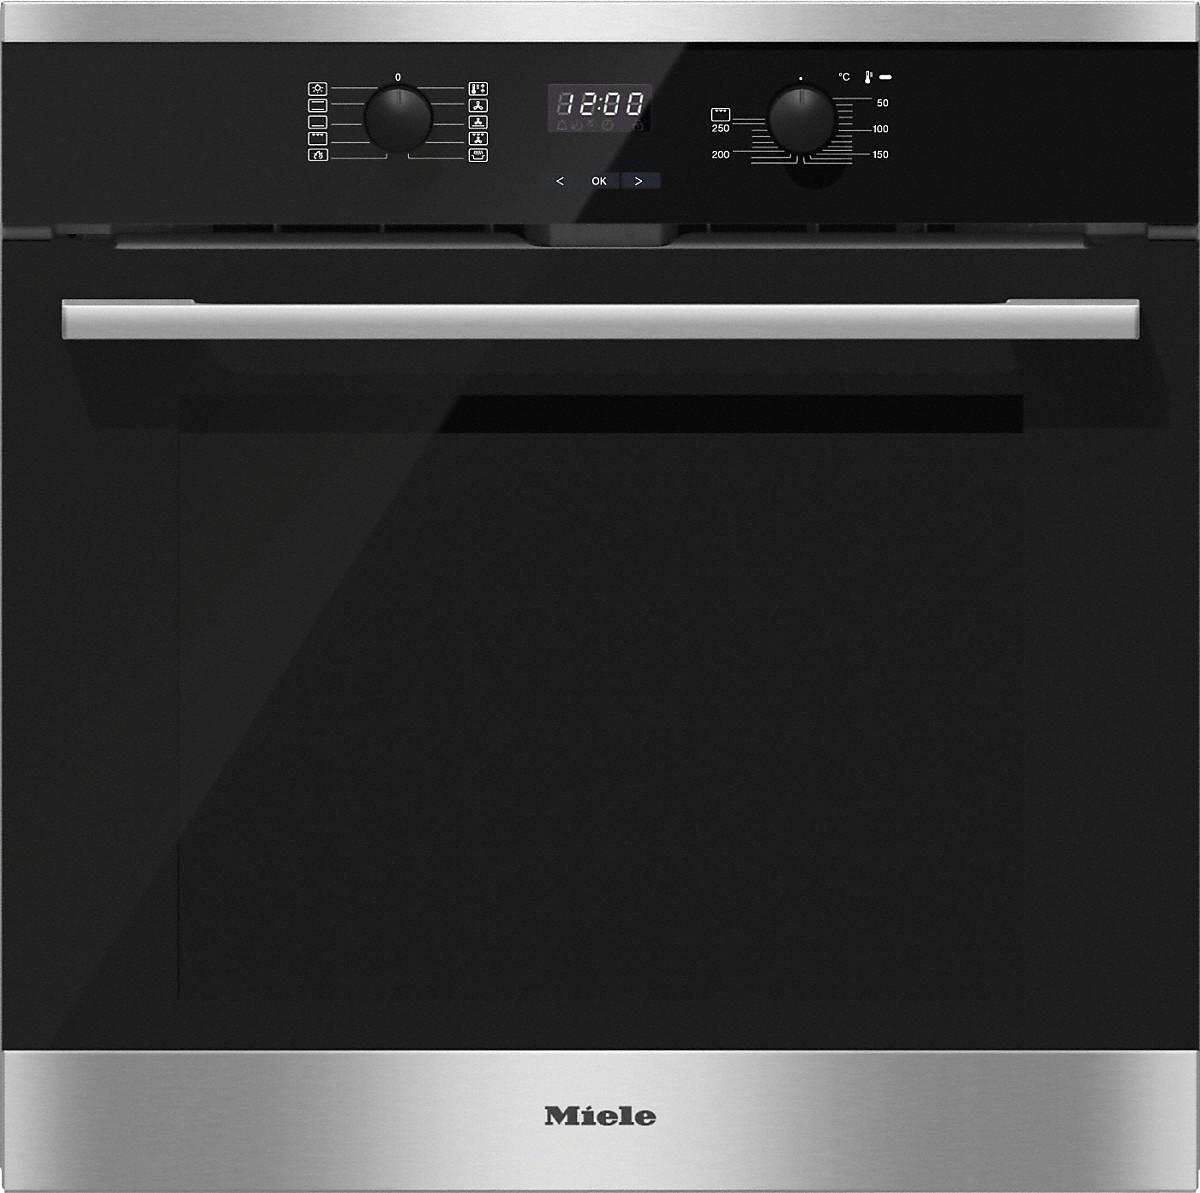 miele ovens en fornuizen h 2561 bp oven. Black Bedroom Furniture Sets. Home Design Ideas